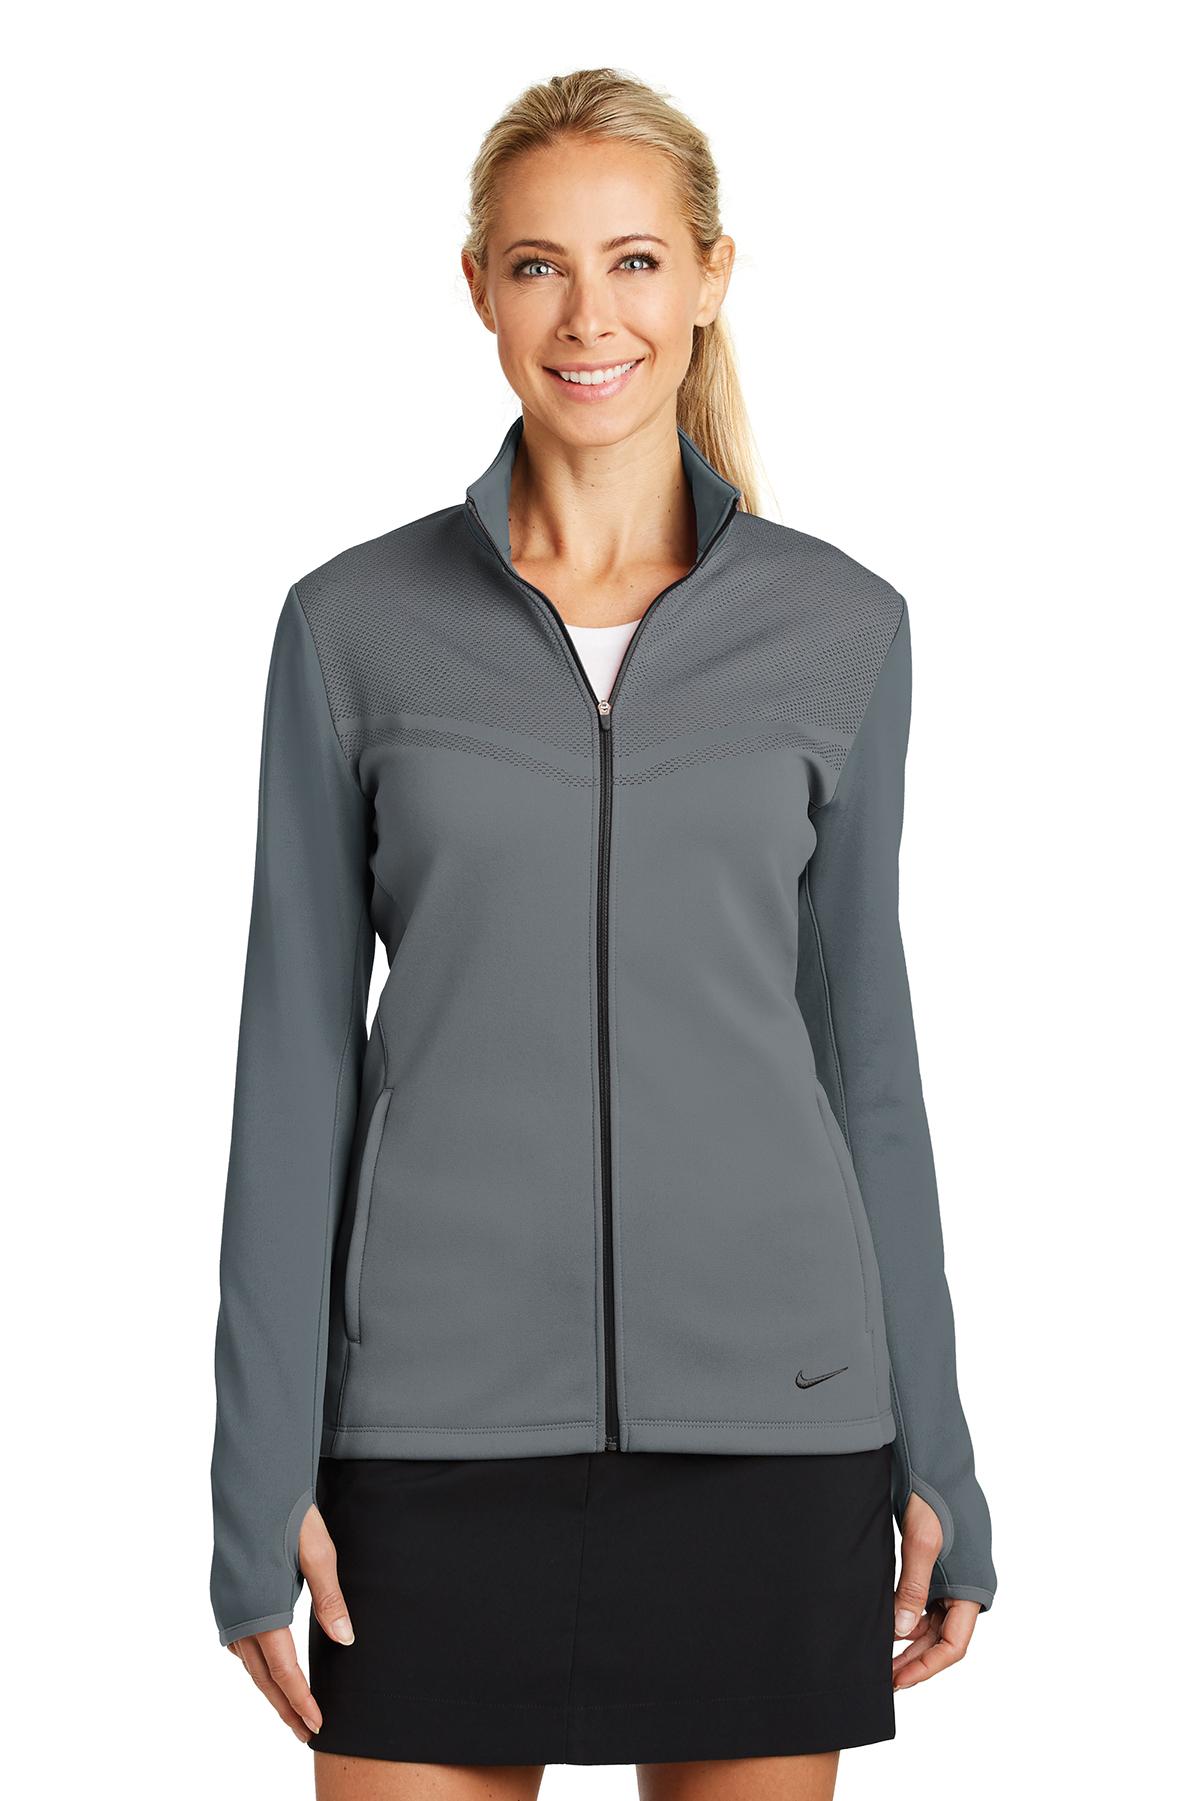 Nike Ladies ThermaFIT Hypervis Full Zip Jacket